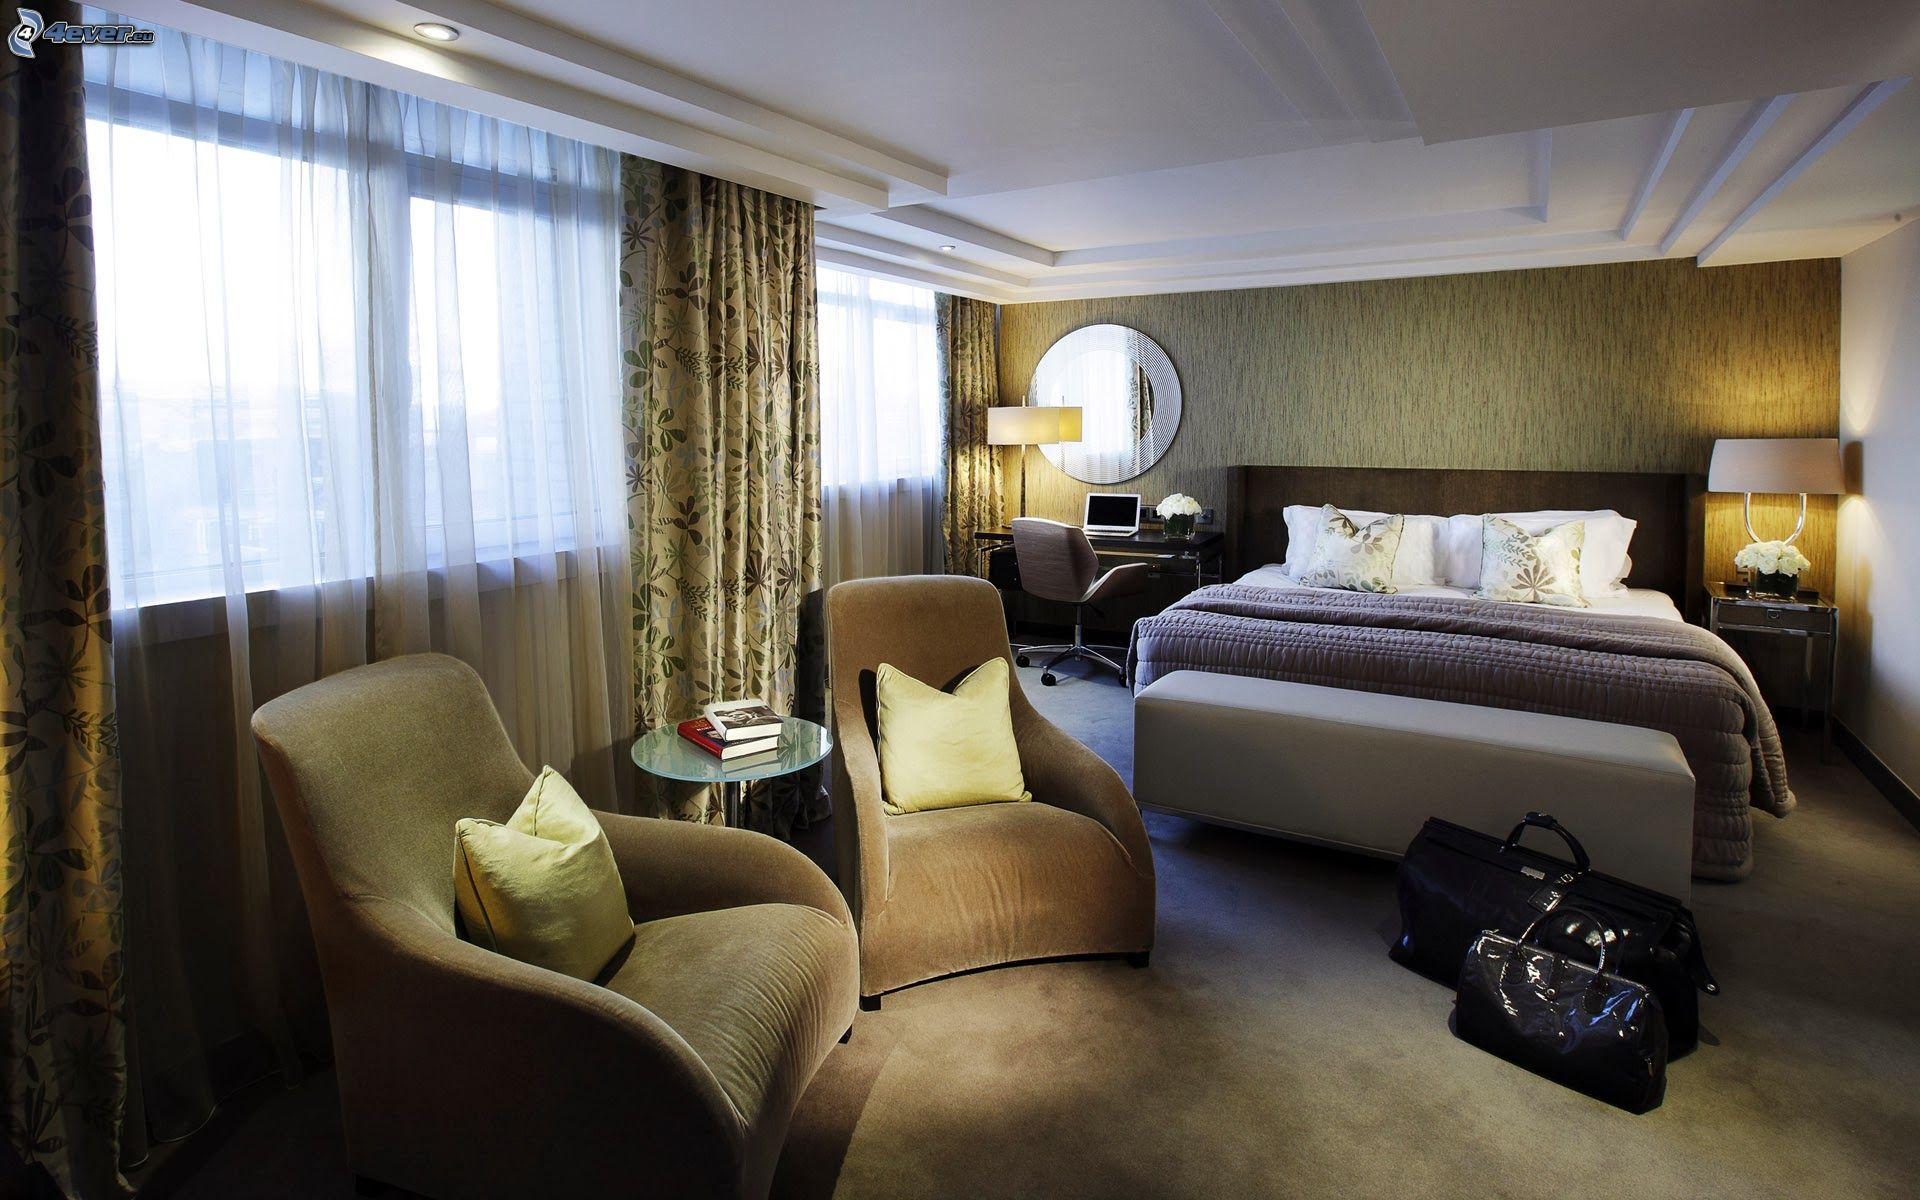 Chambre coucher for Chambre hotel sans fenetre